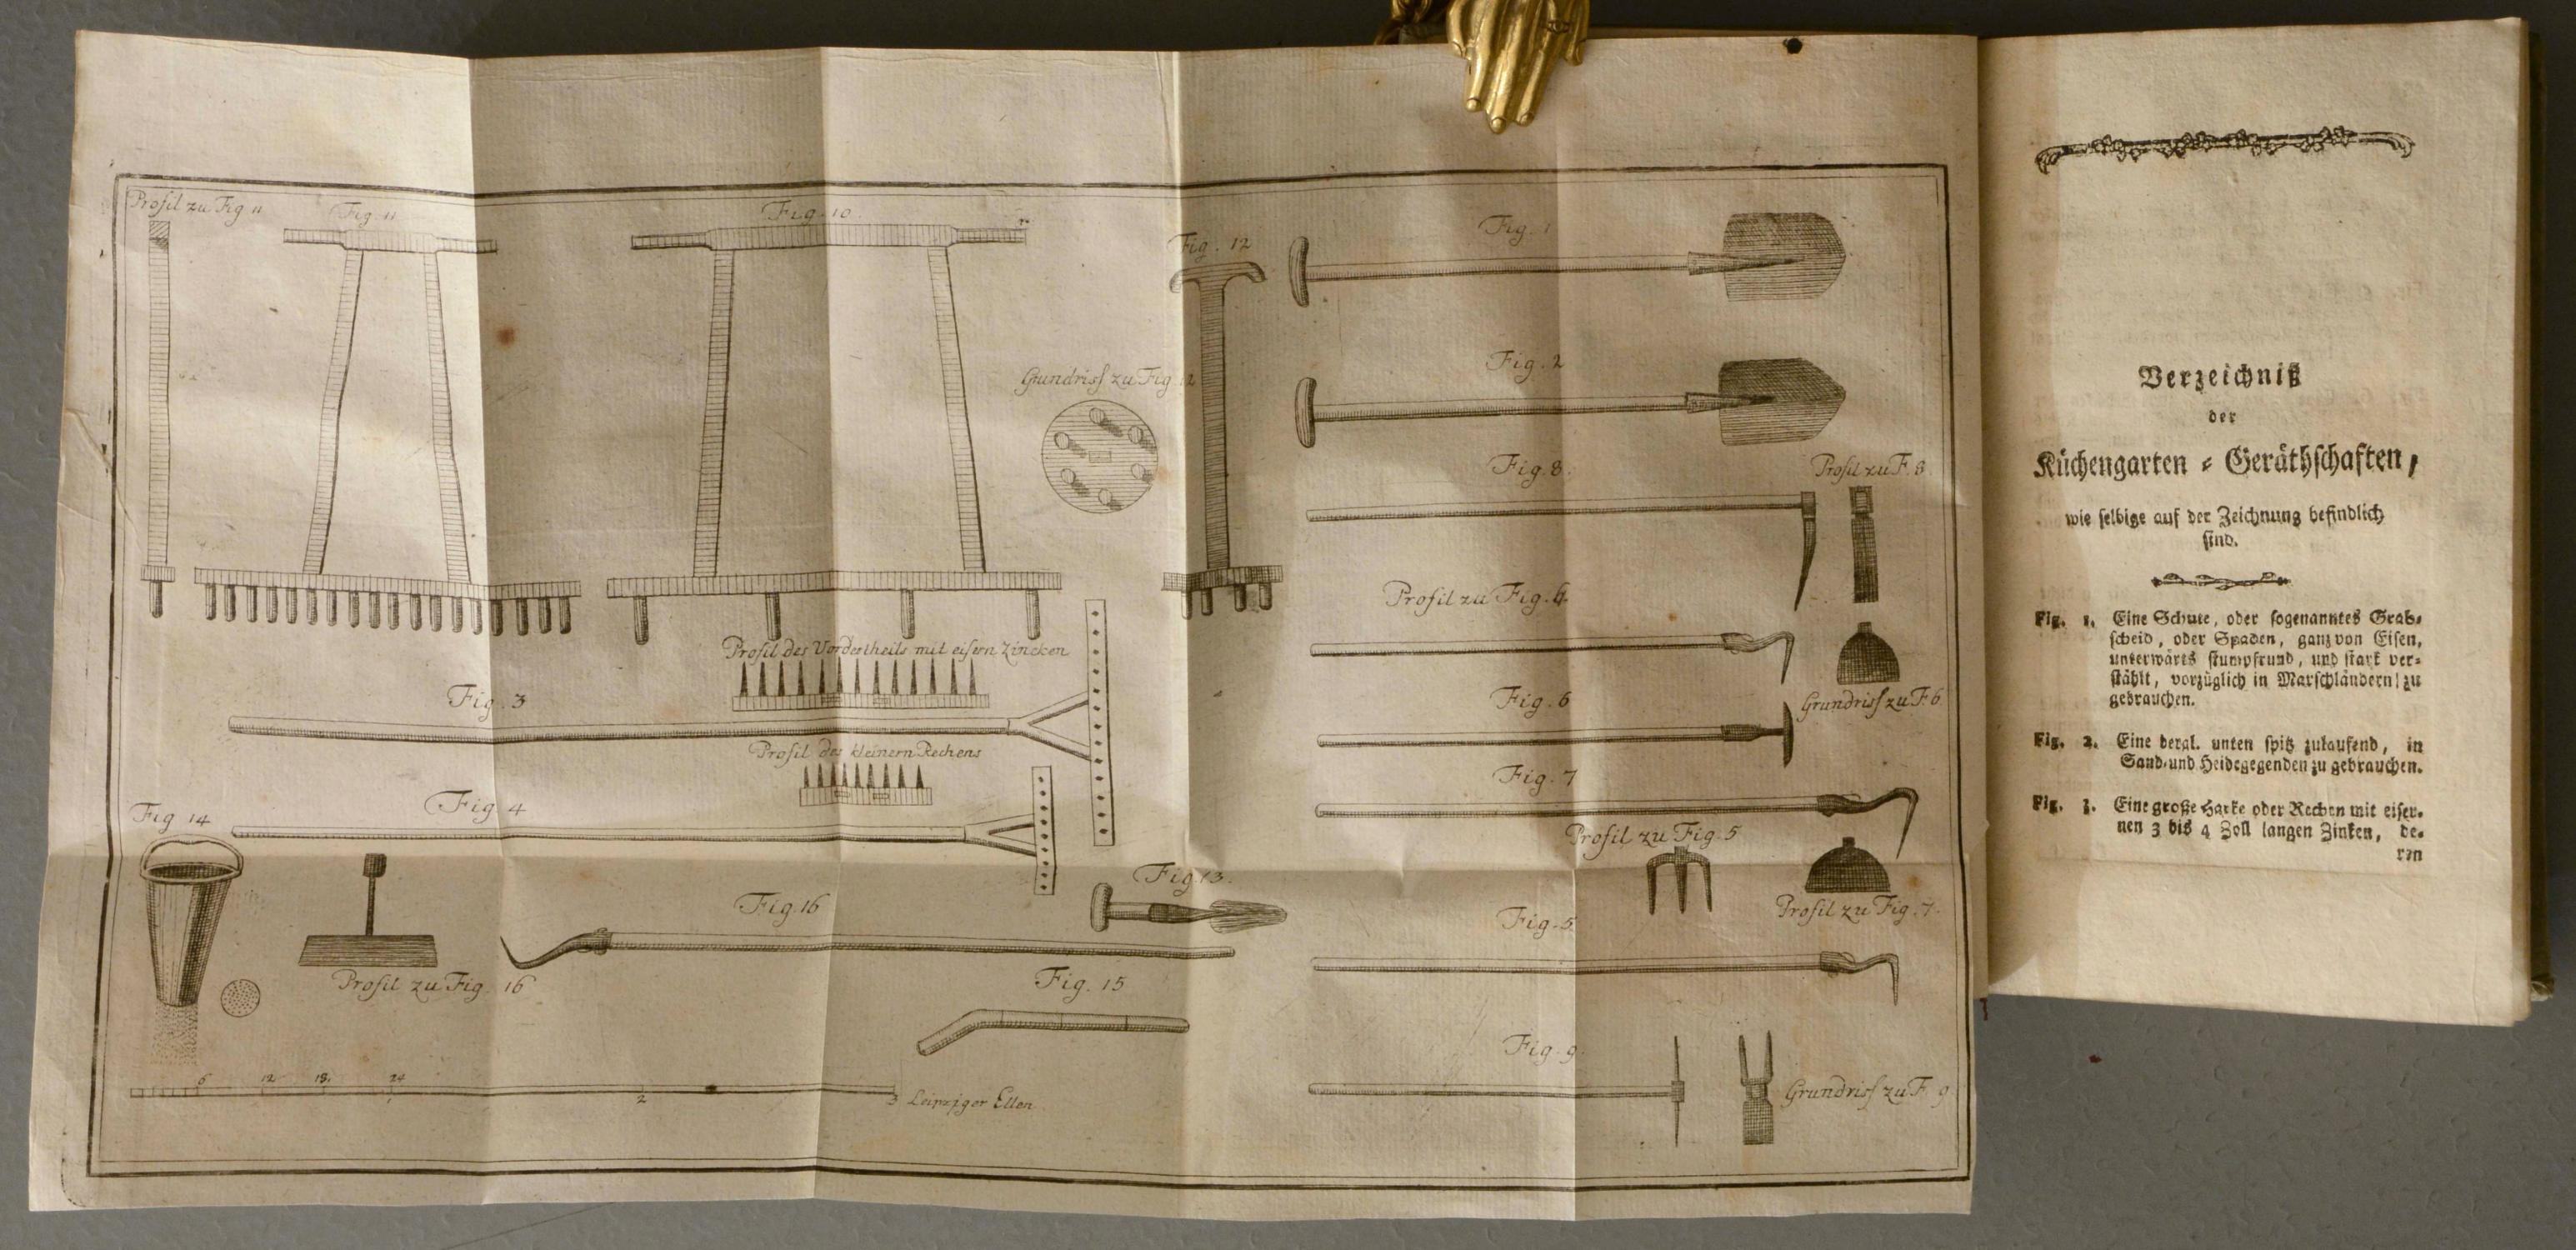 viaLibri ~ Rare Books from 1793 - Page 8